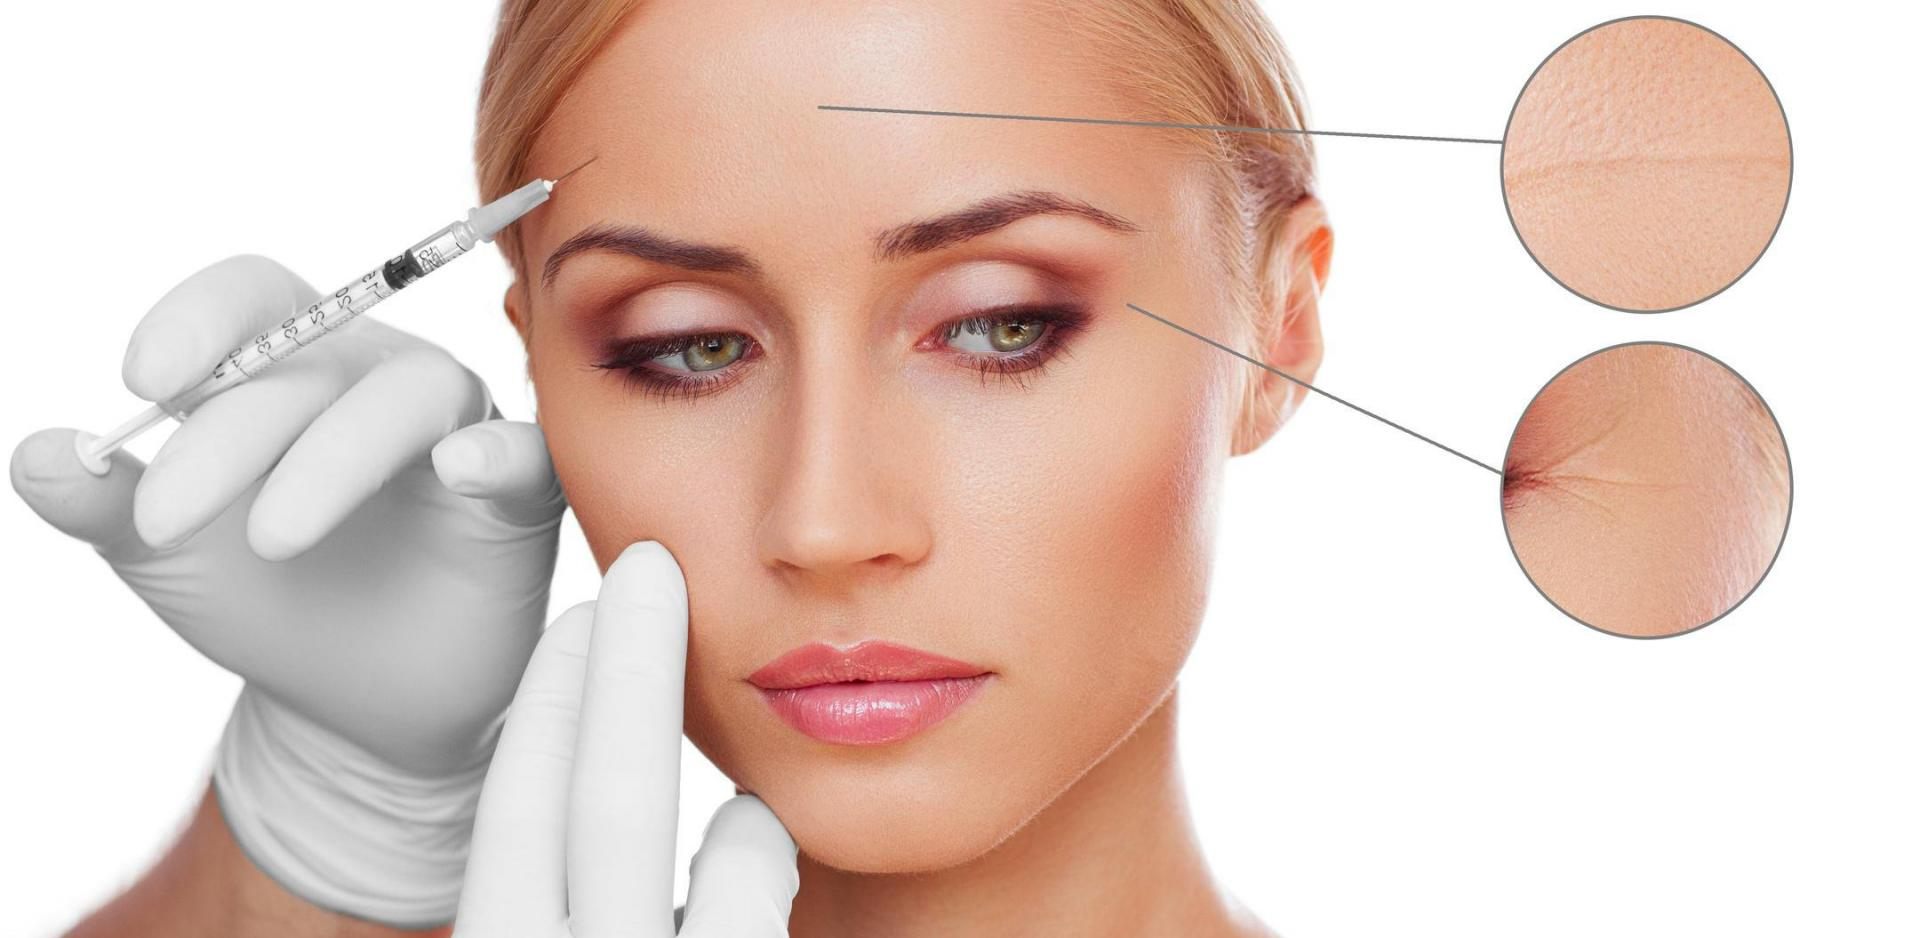 Что делать, если кожа лица стала дряблой: эффективные салонные и домашние методики подтяжки